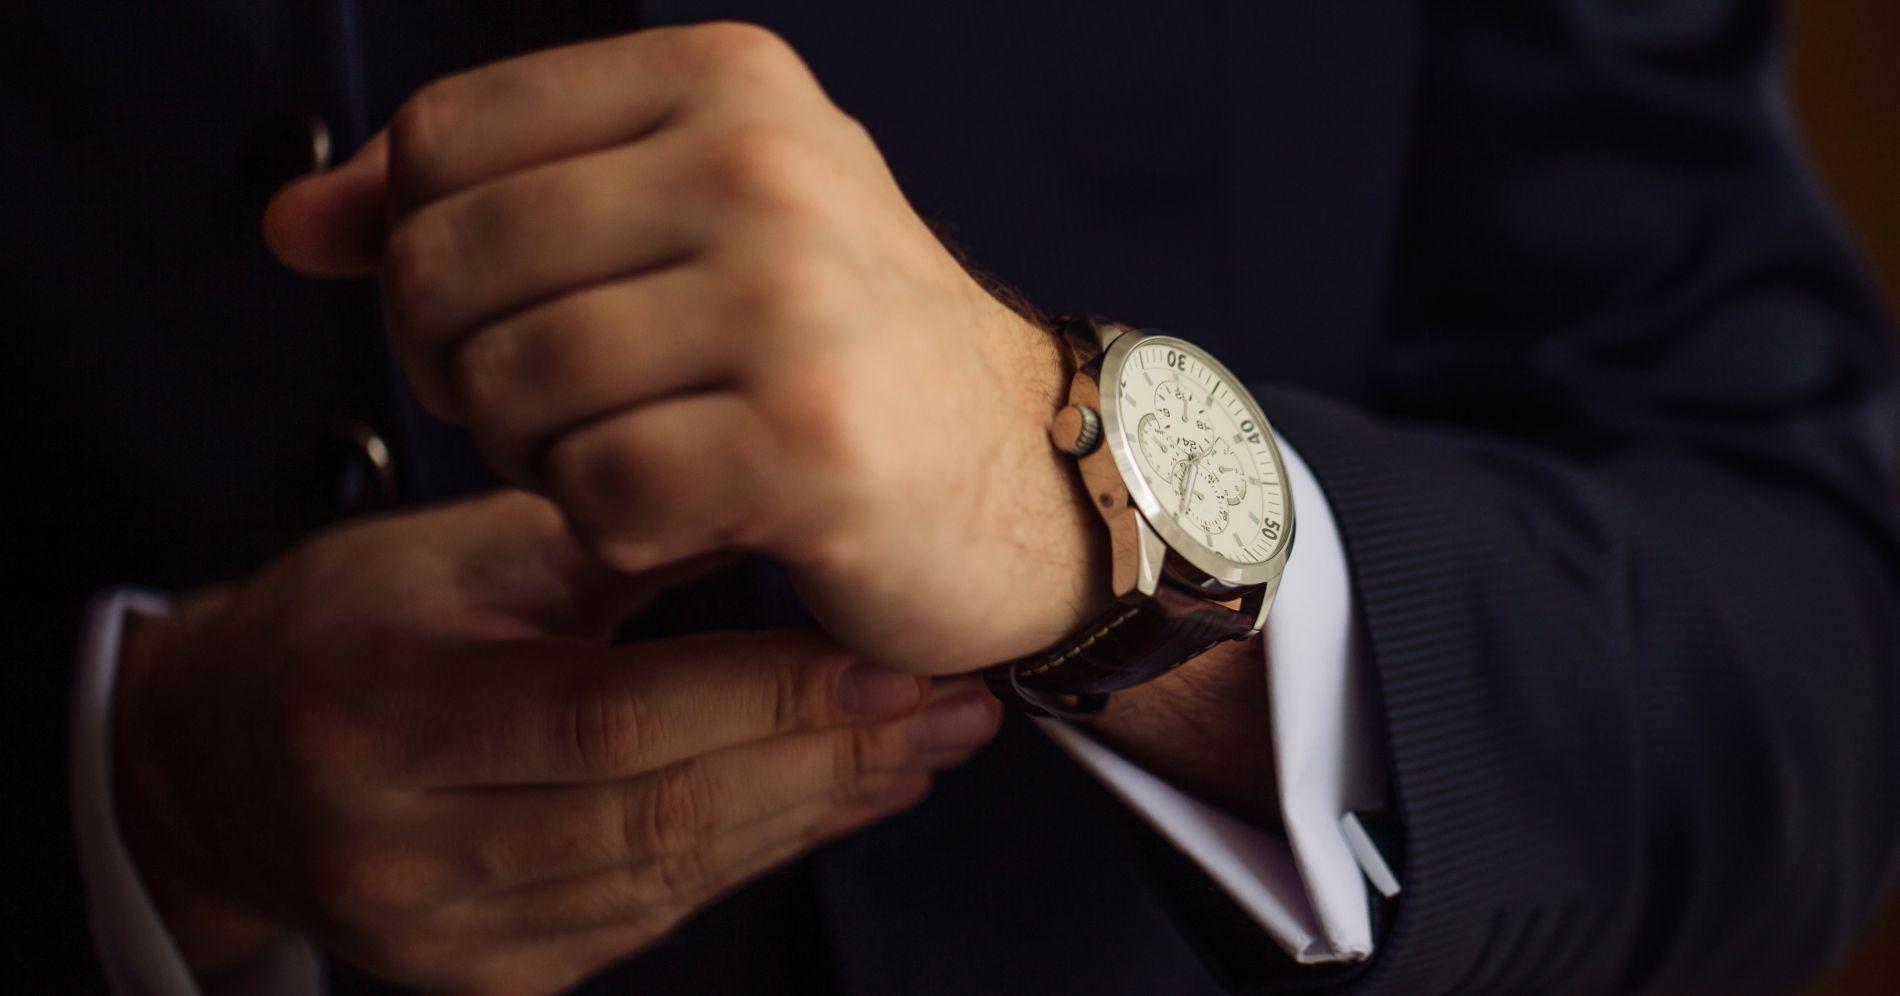 50% preț dimensiunea 40 calitate autentică ceasuri • City Park Mall